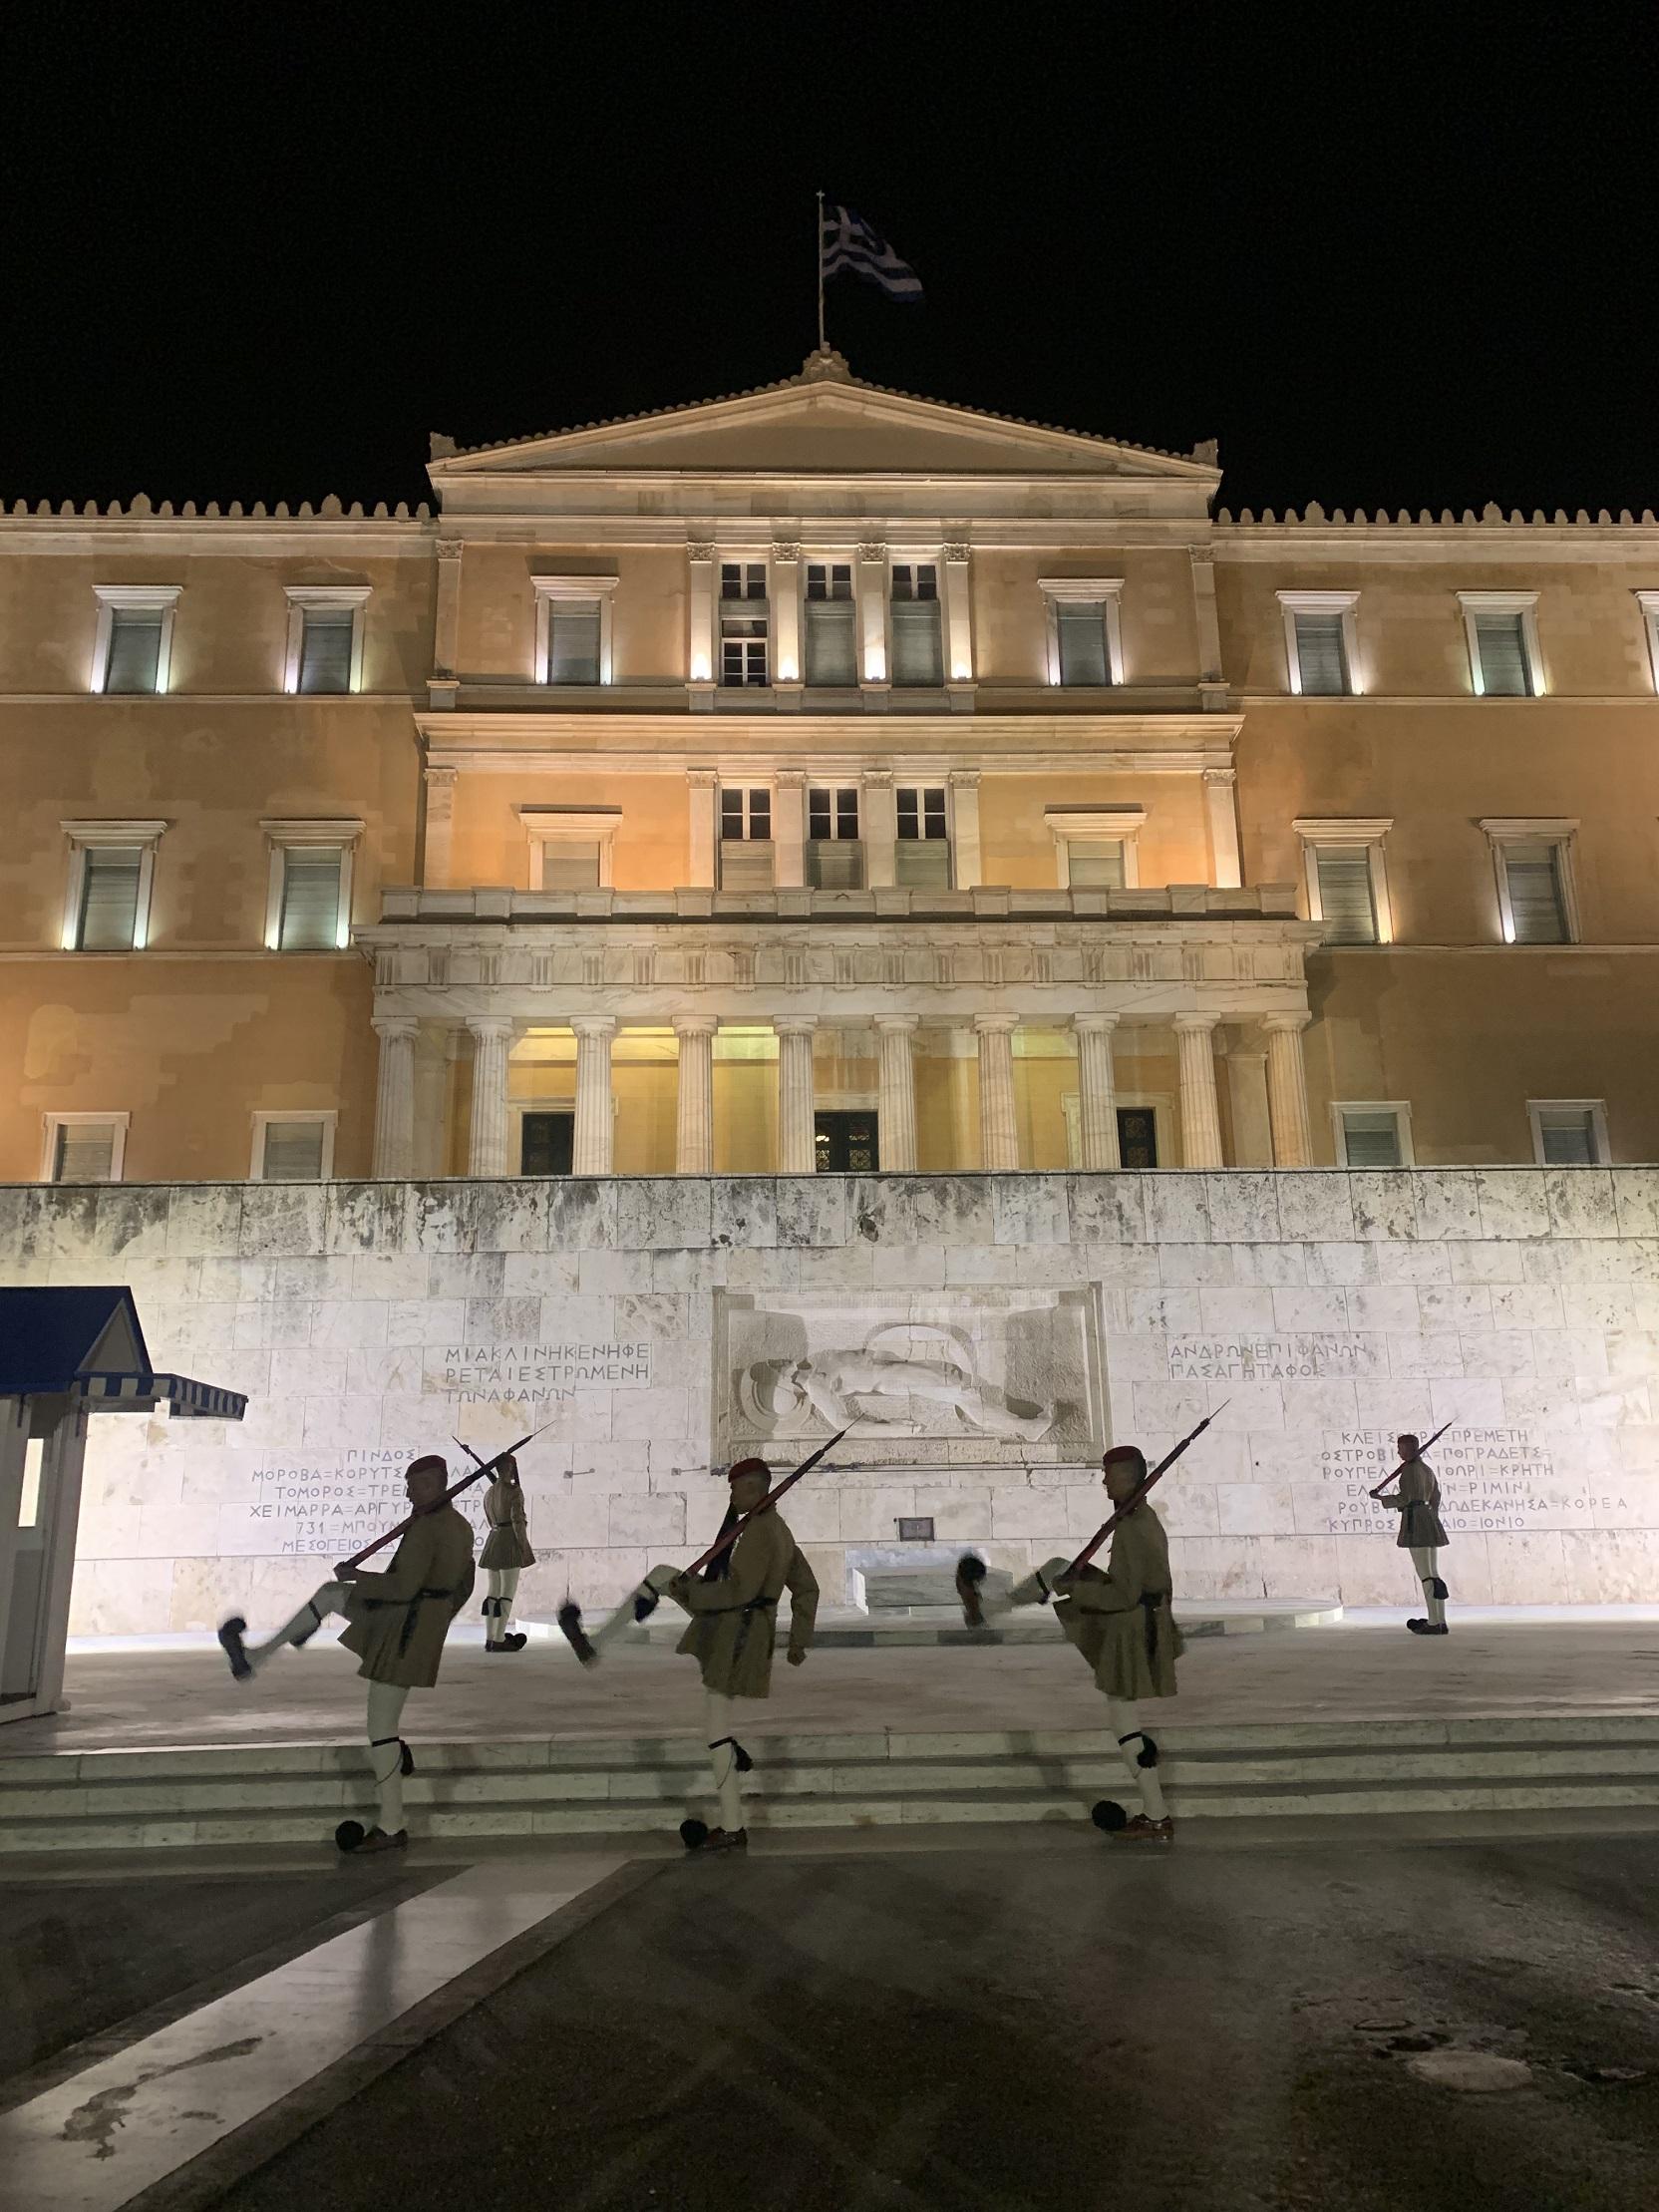 シンタグマ広場-アテネ-ギリシャ-撮影:劉雲昊2019.9.8